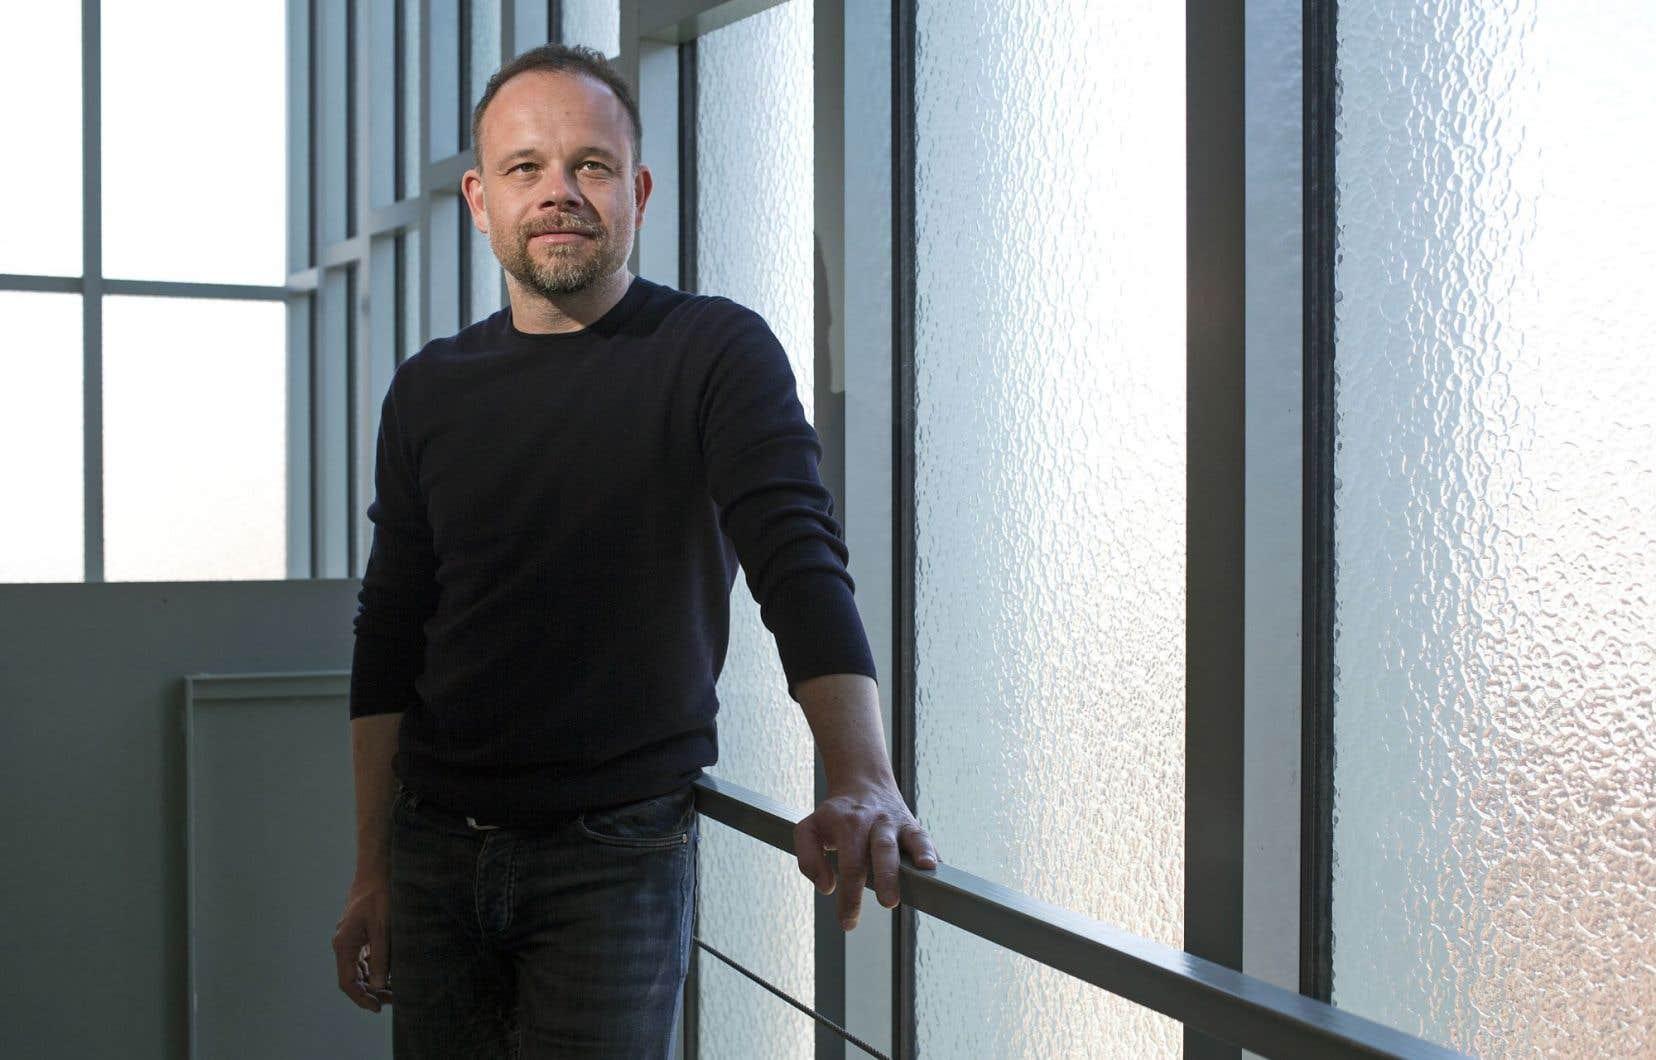 Geoffrey Gaquère, directeur artistique de l'Espace libre, devait être heureux de parler des spectacles à venir, mais il est en colère.